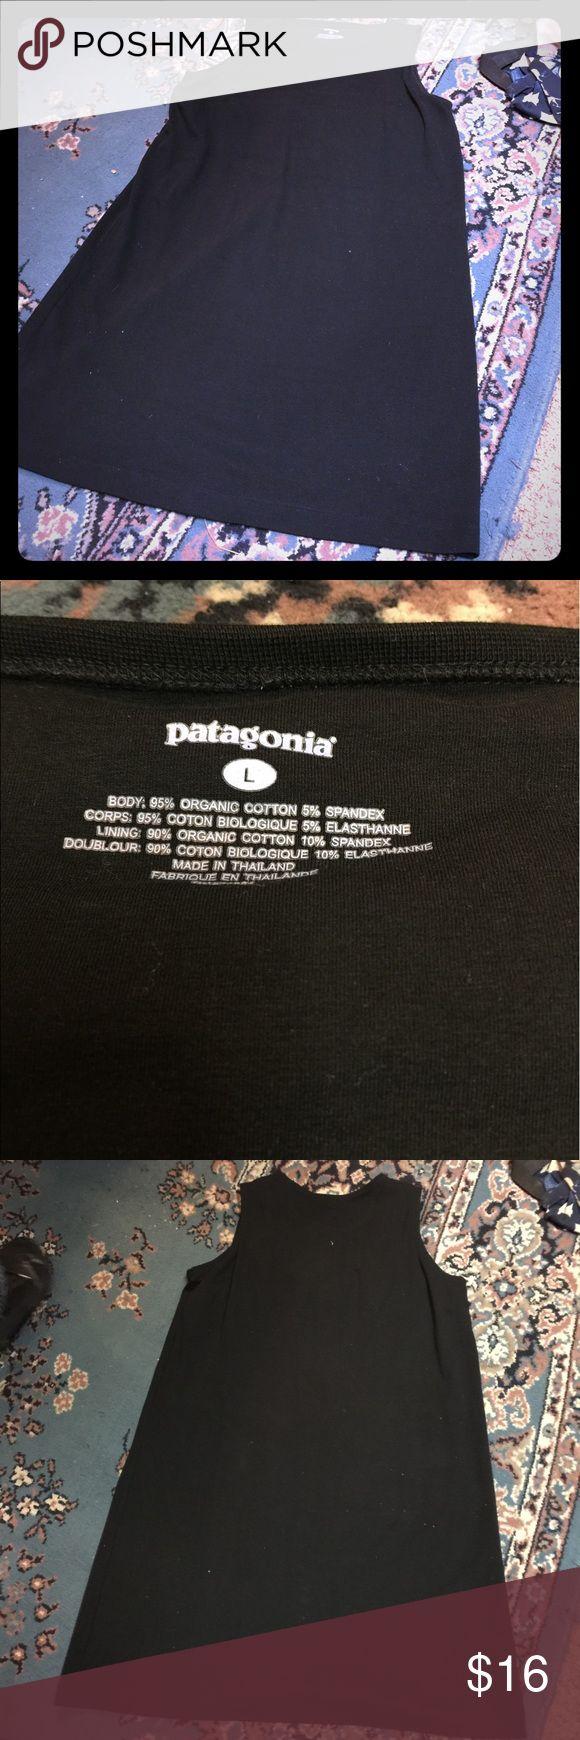 Black Patagonia L Shift Dress Like new in excellent condition Large Patagonia dress Patagonia Dresses Midi